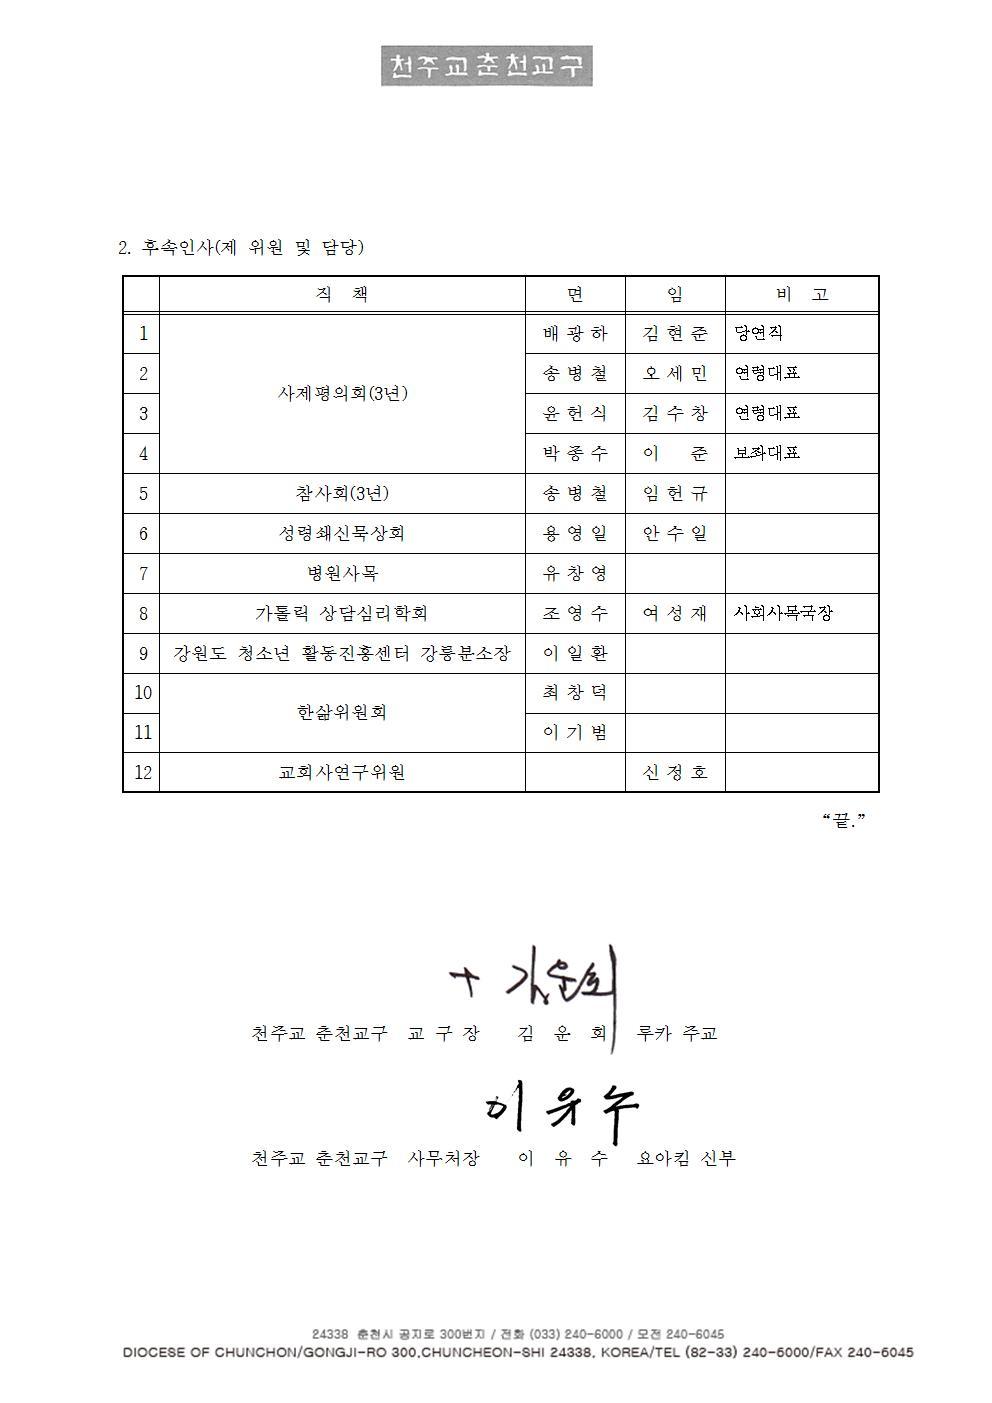 춘교 16-0066호 후속인사 발령002.jpg